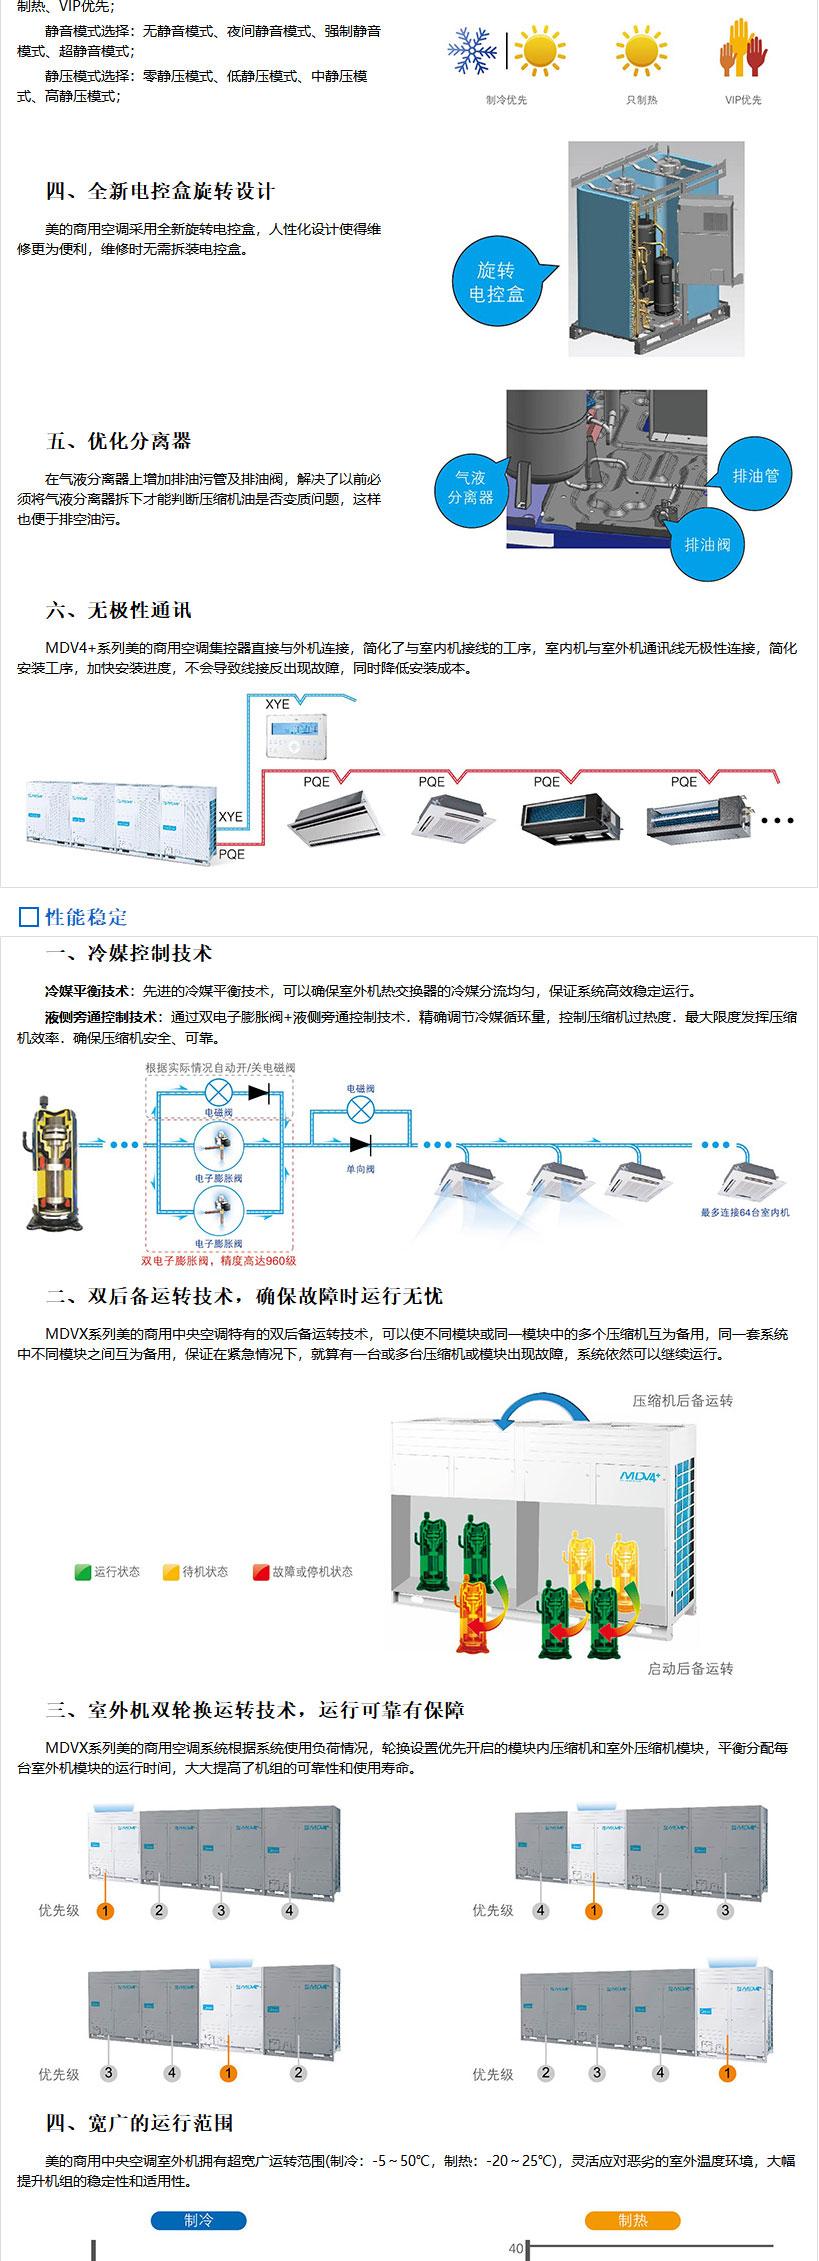 无锡美的商用中央空调-美的MDVX系列直流变频商用空调介绍_04